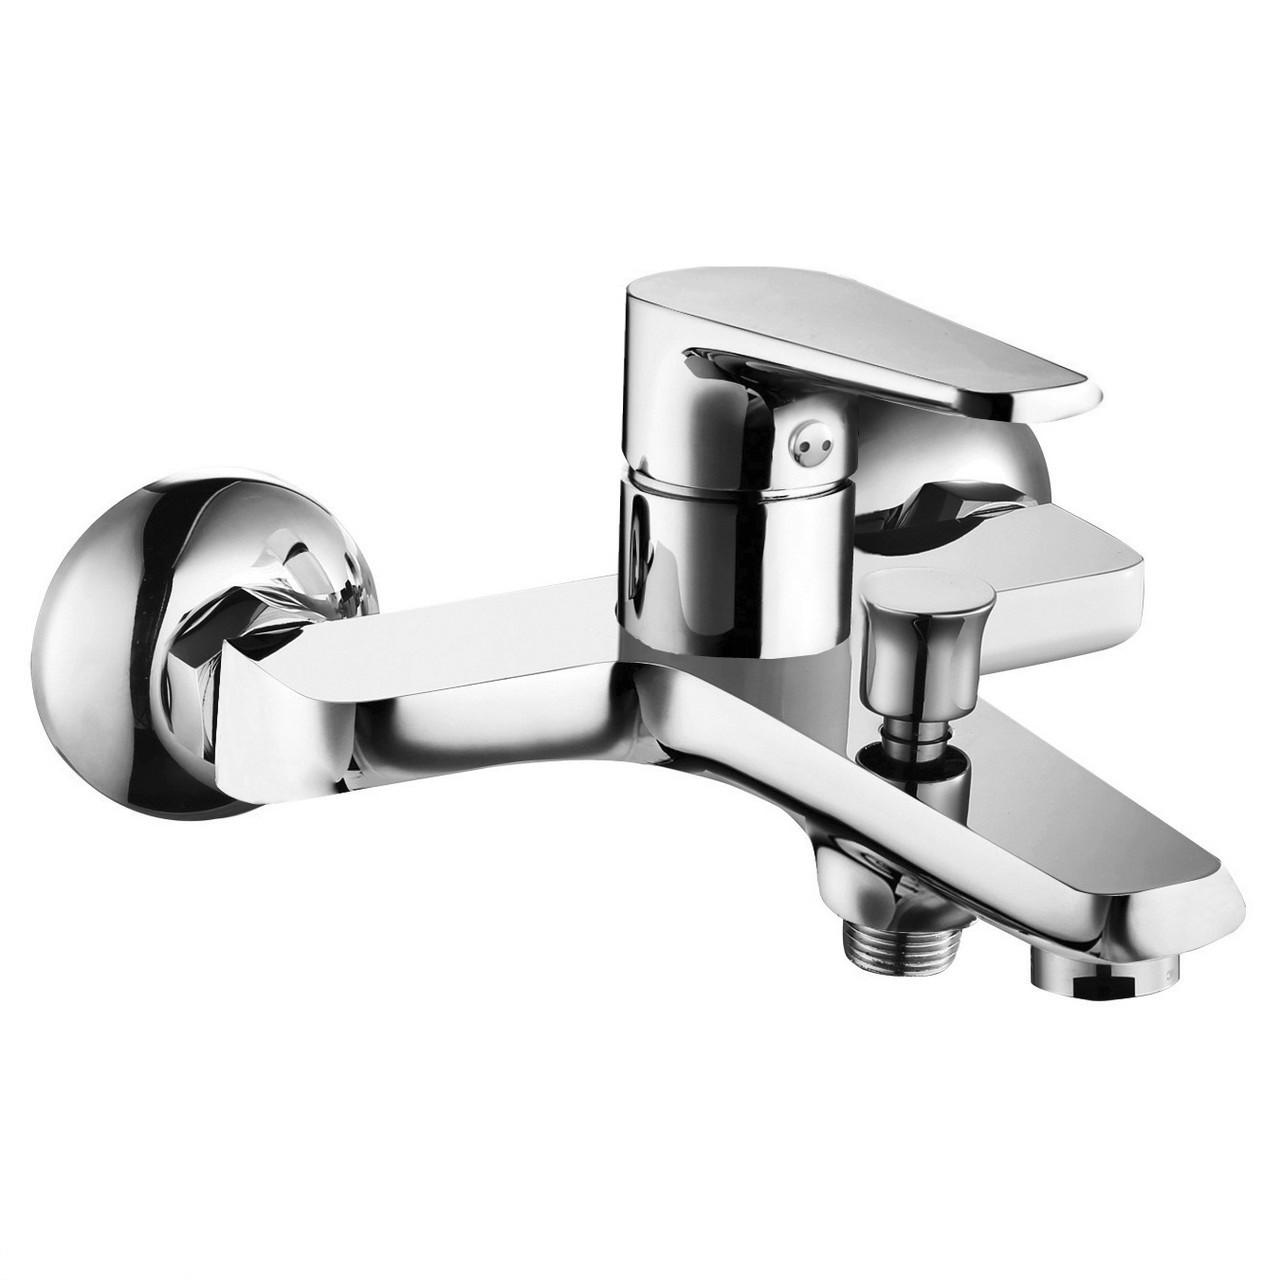 BARKA cмеситель для ванны, хром, 35 мм